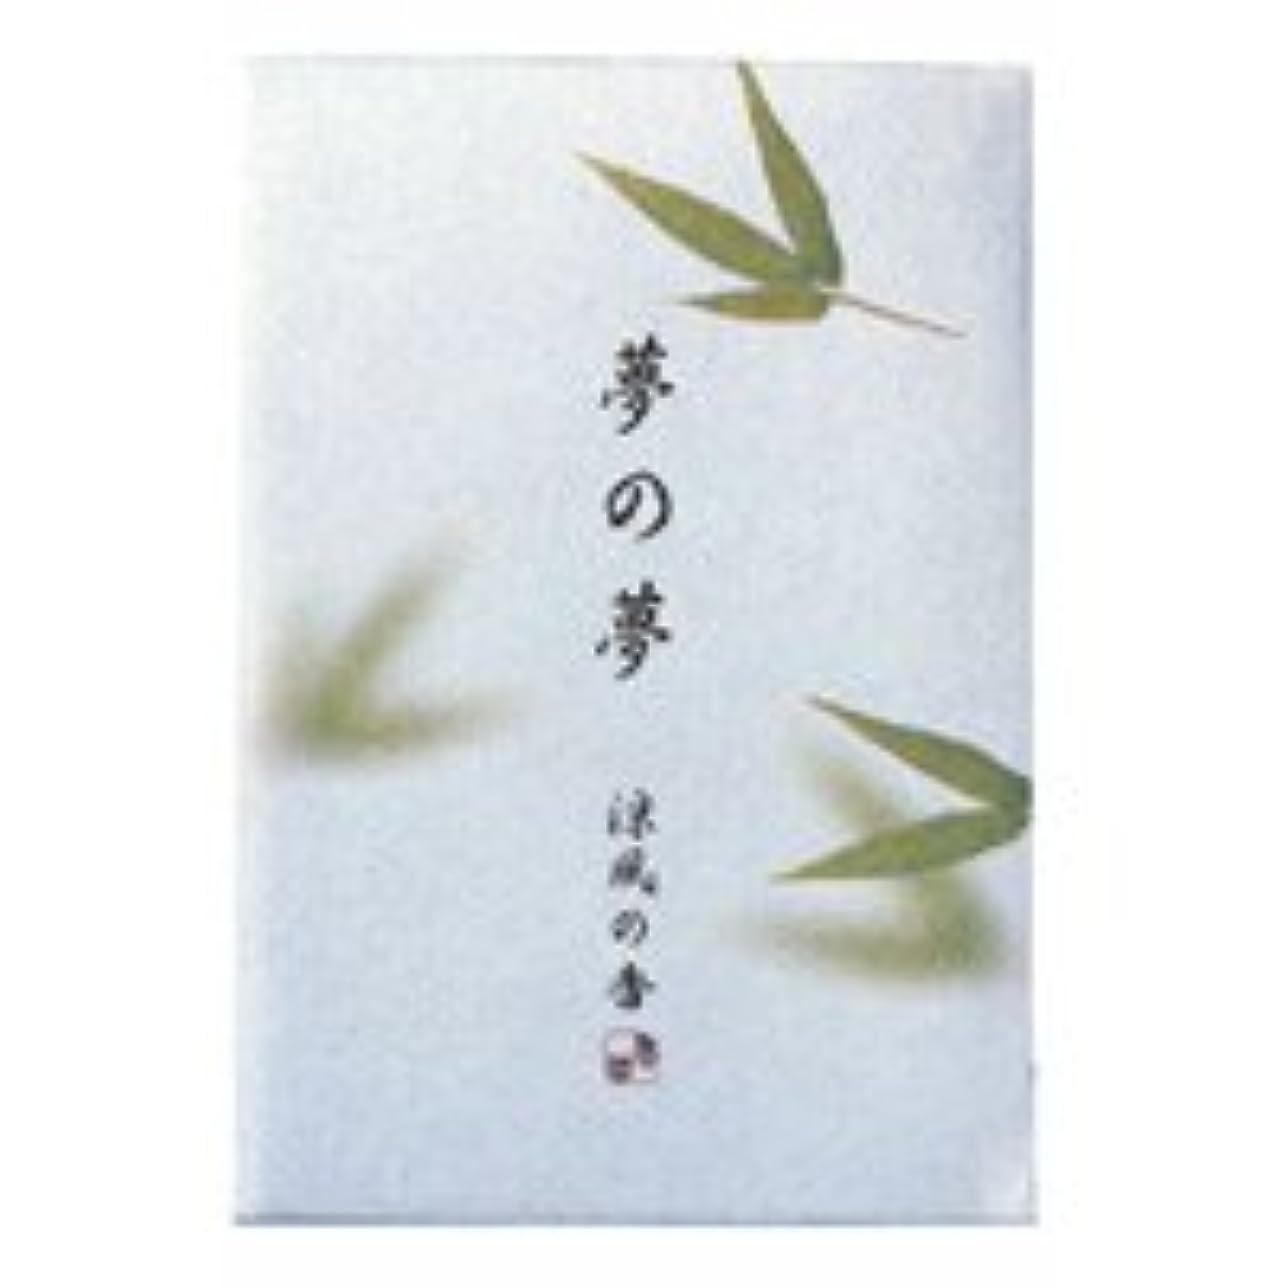 薬第四どこにも【日本香堂】夢の夢 涼風の香(すずかぜ) お香 スティック 12本